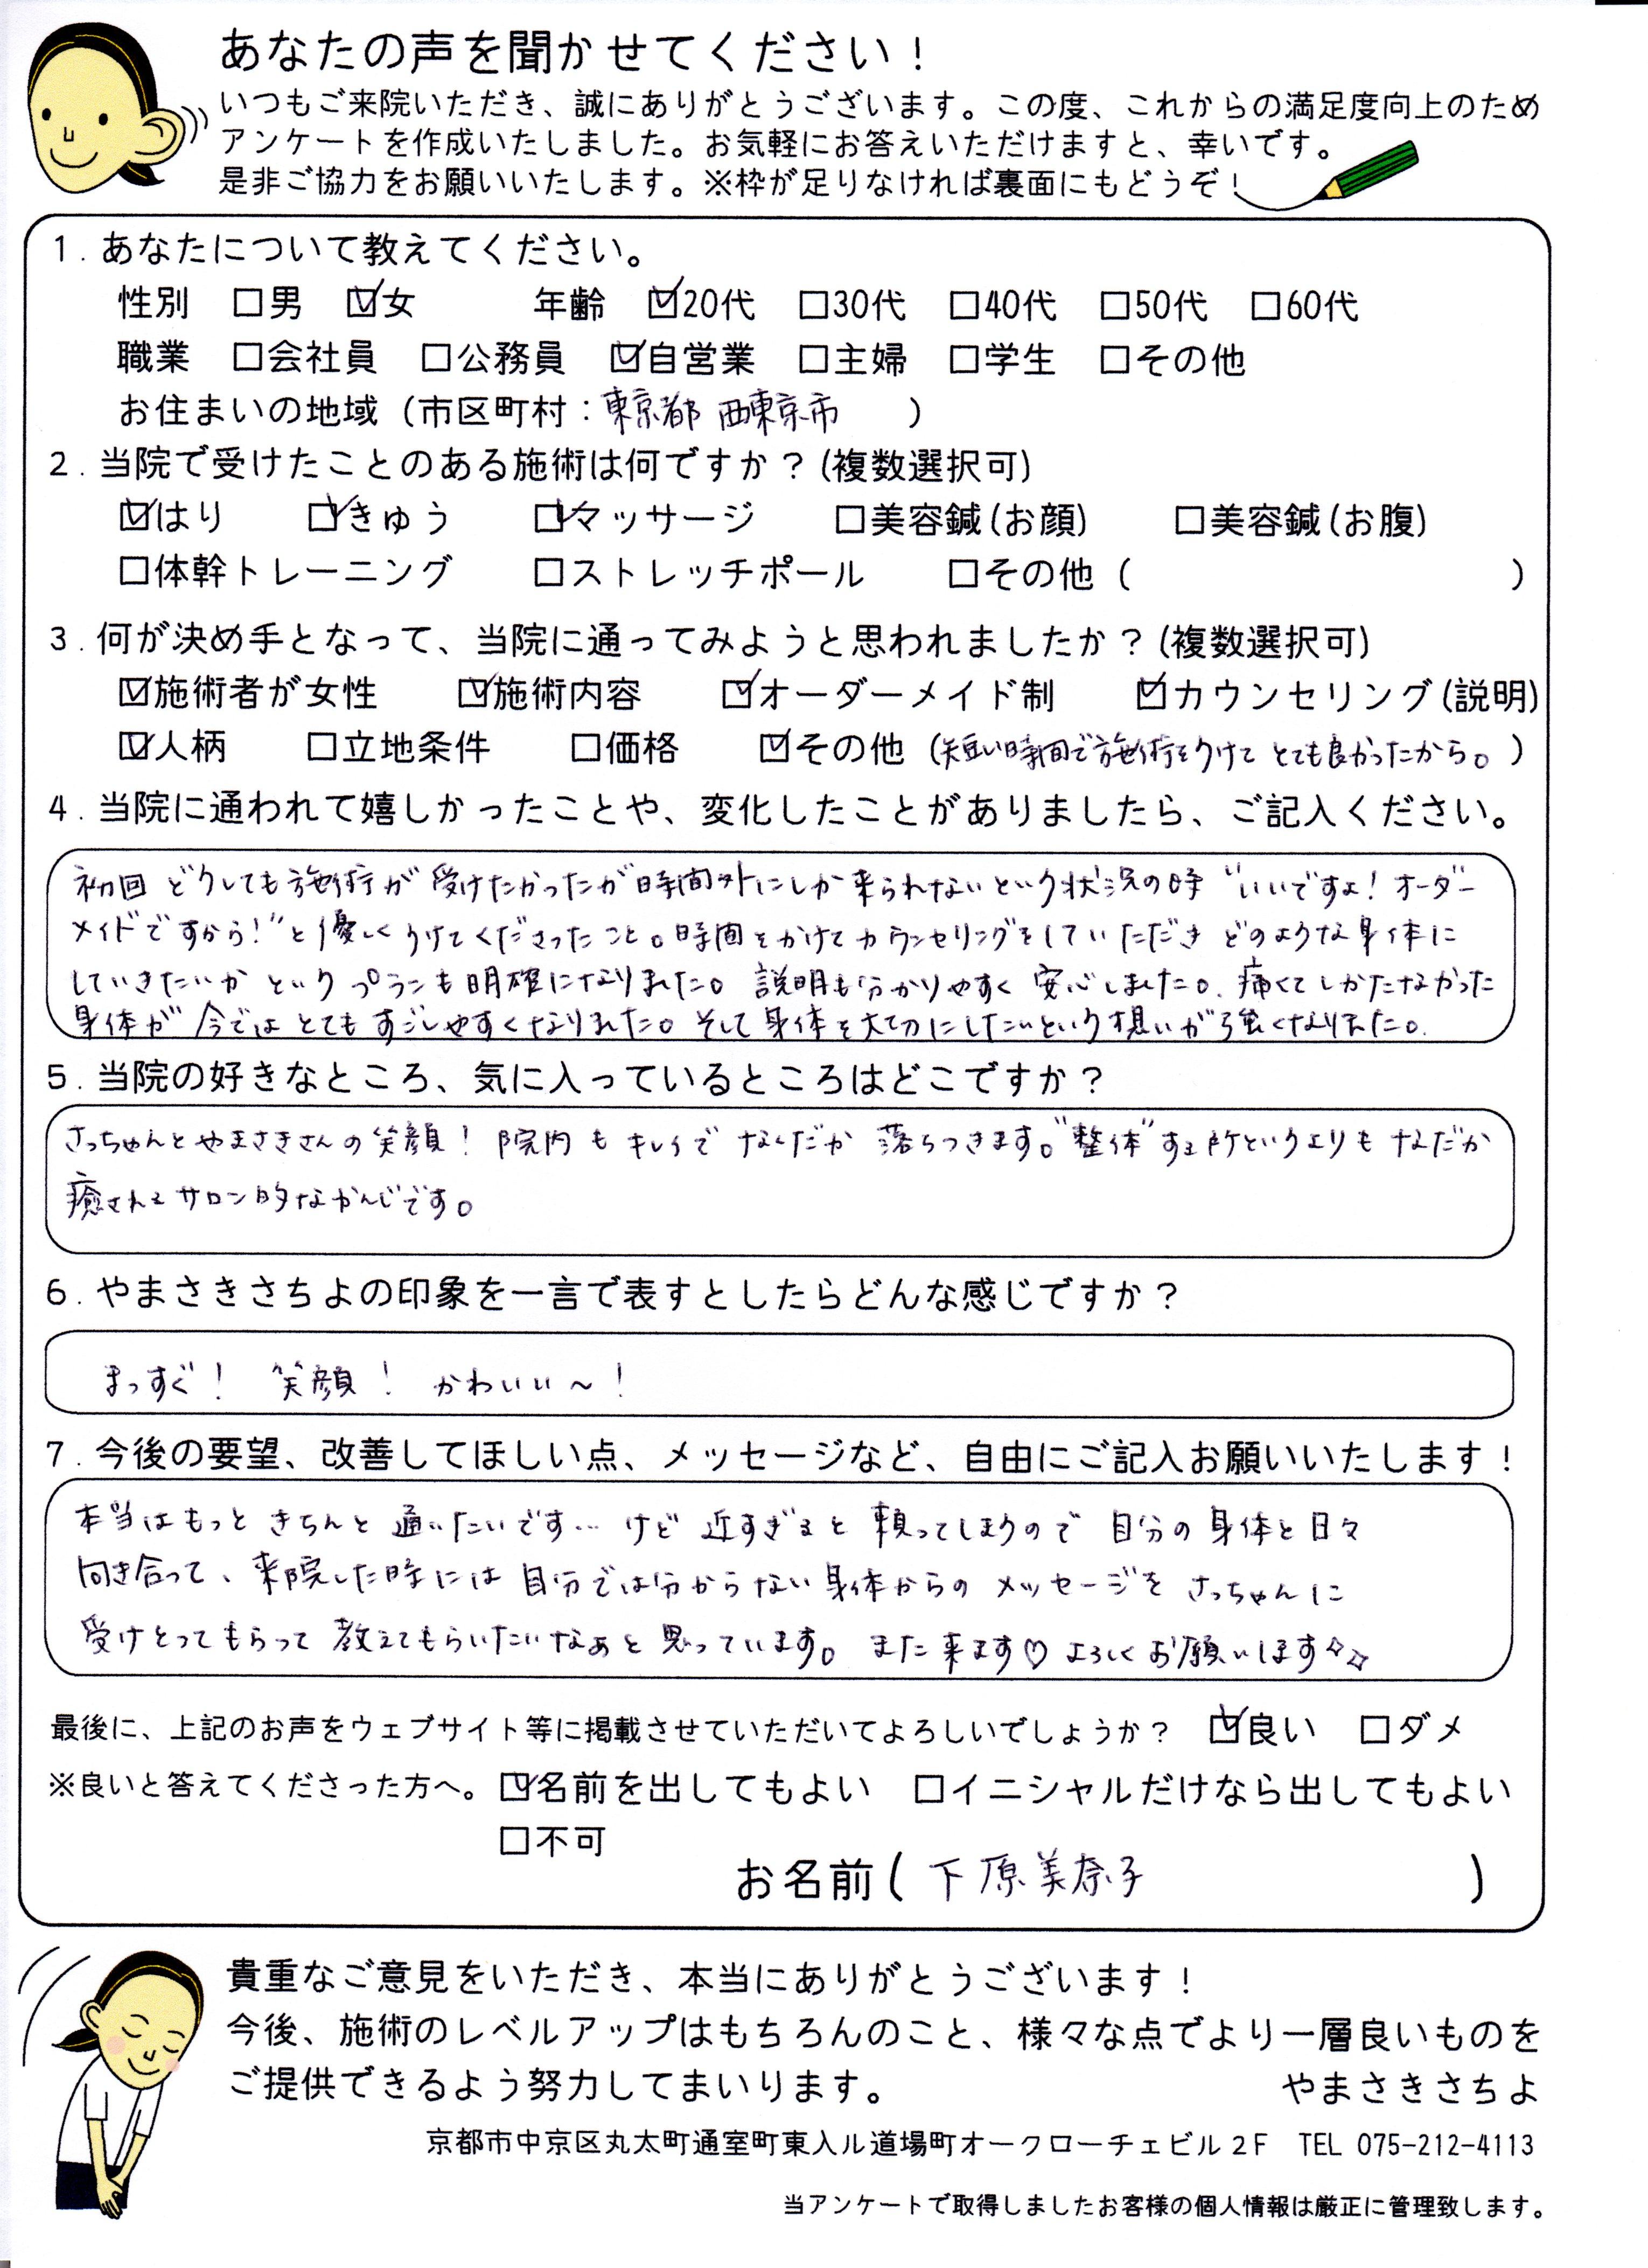 shimohara